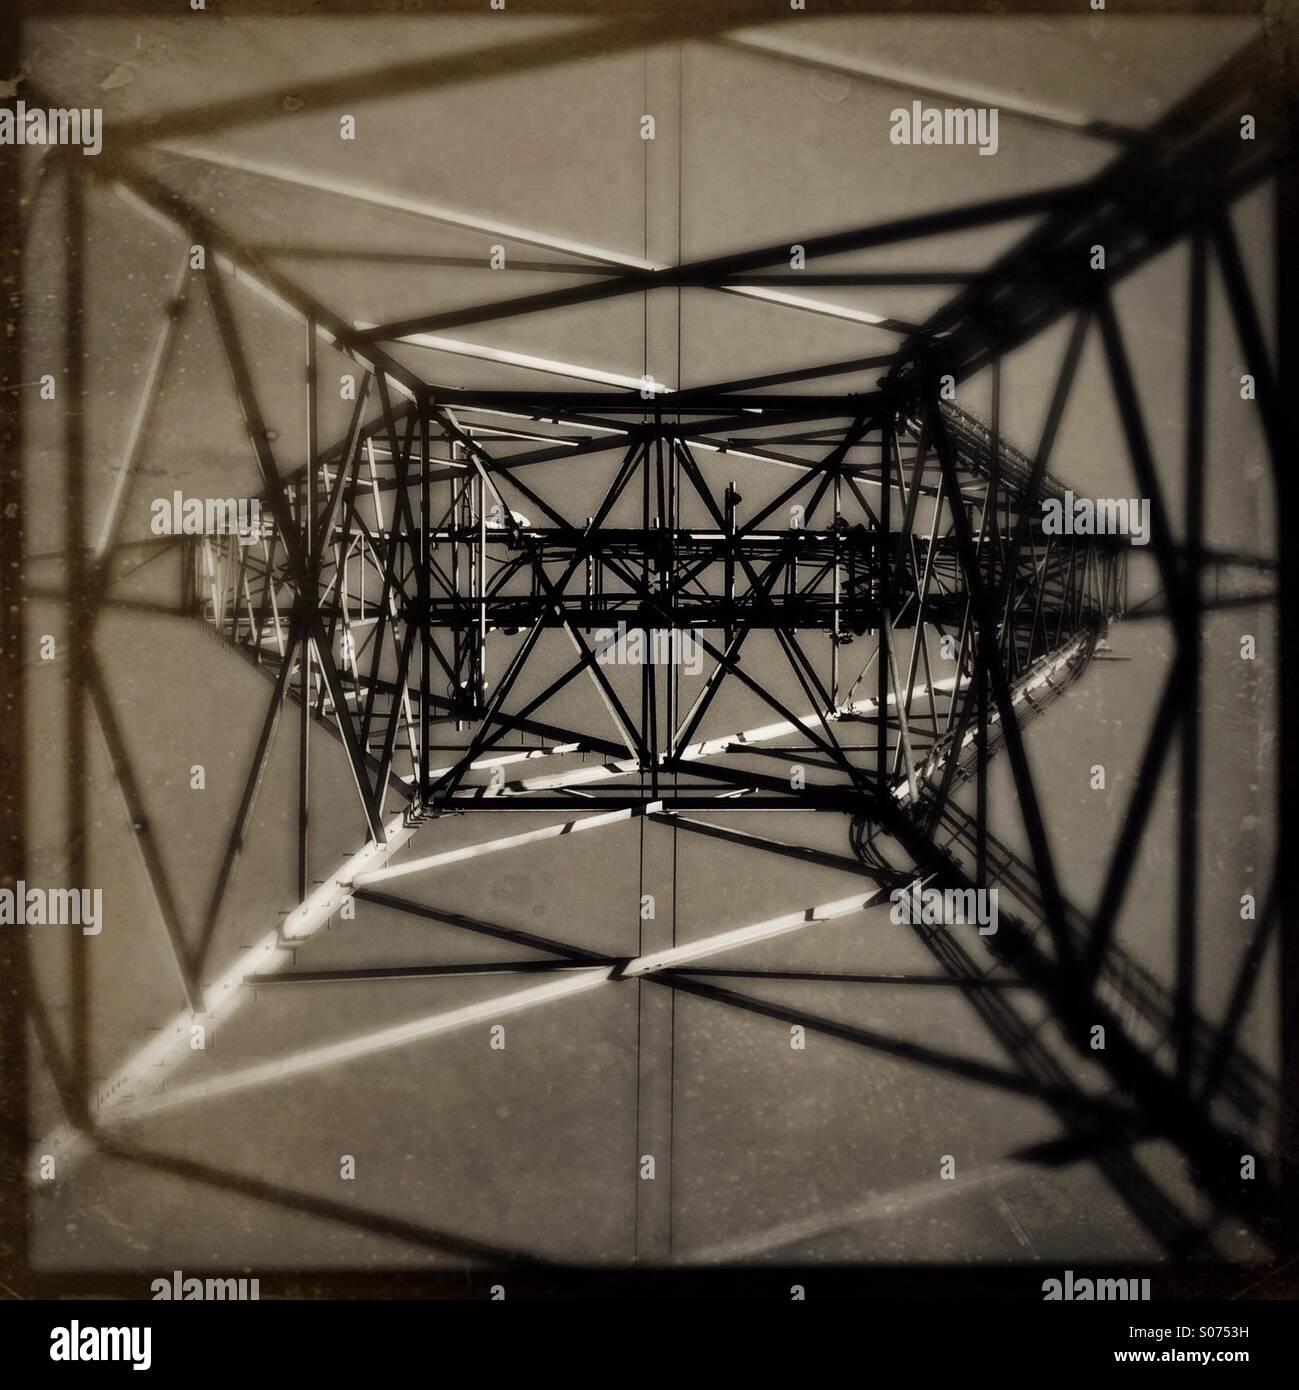 Suchen Gerade Nach Oben Aus Dem Inneren Des Metall Elektro Turm. Stockbild